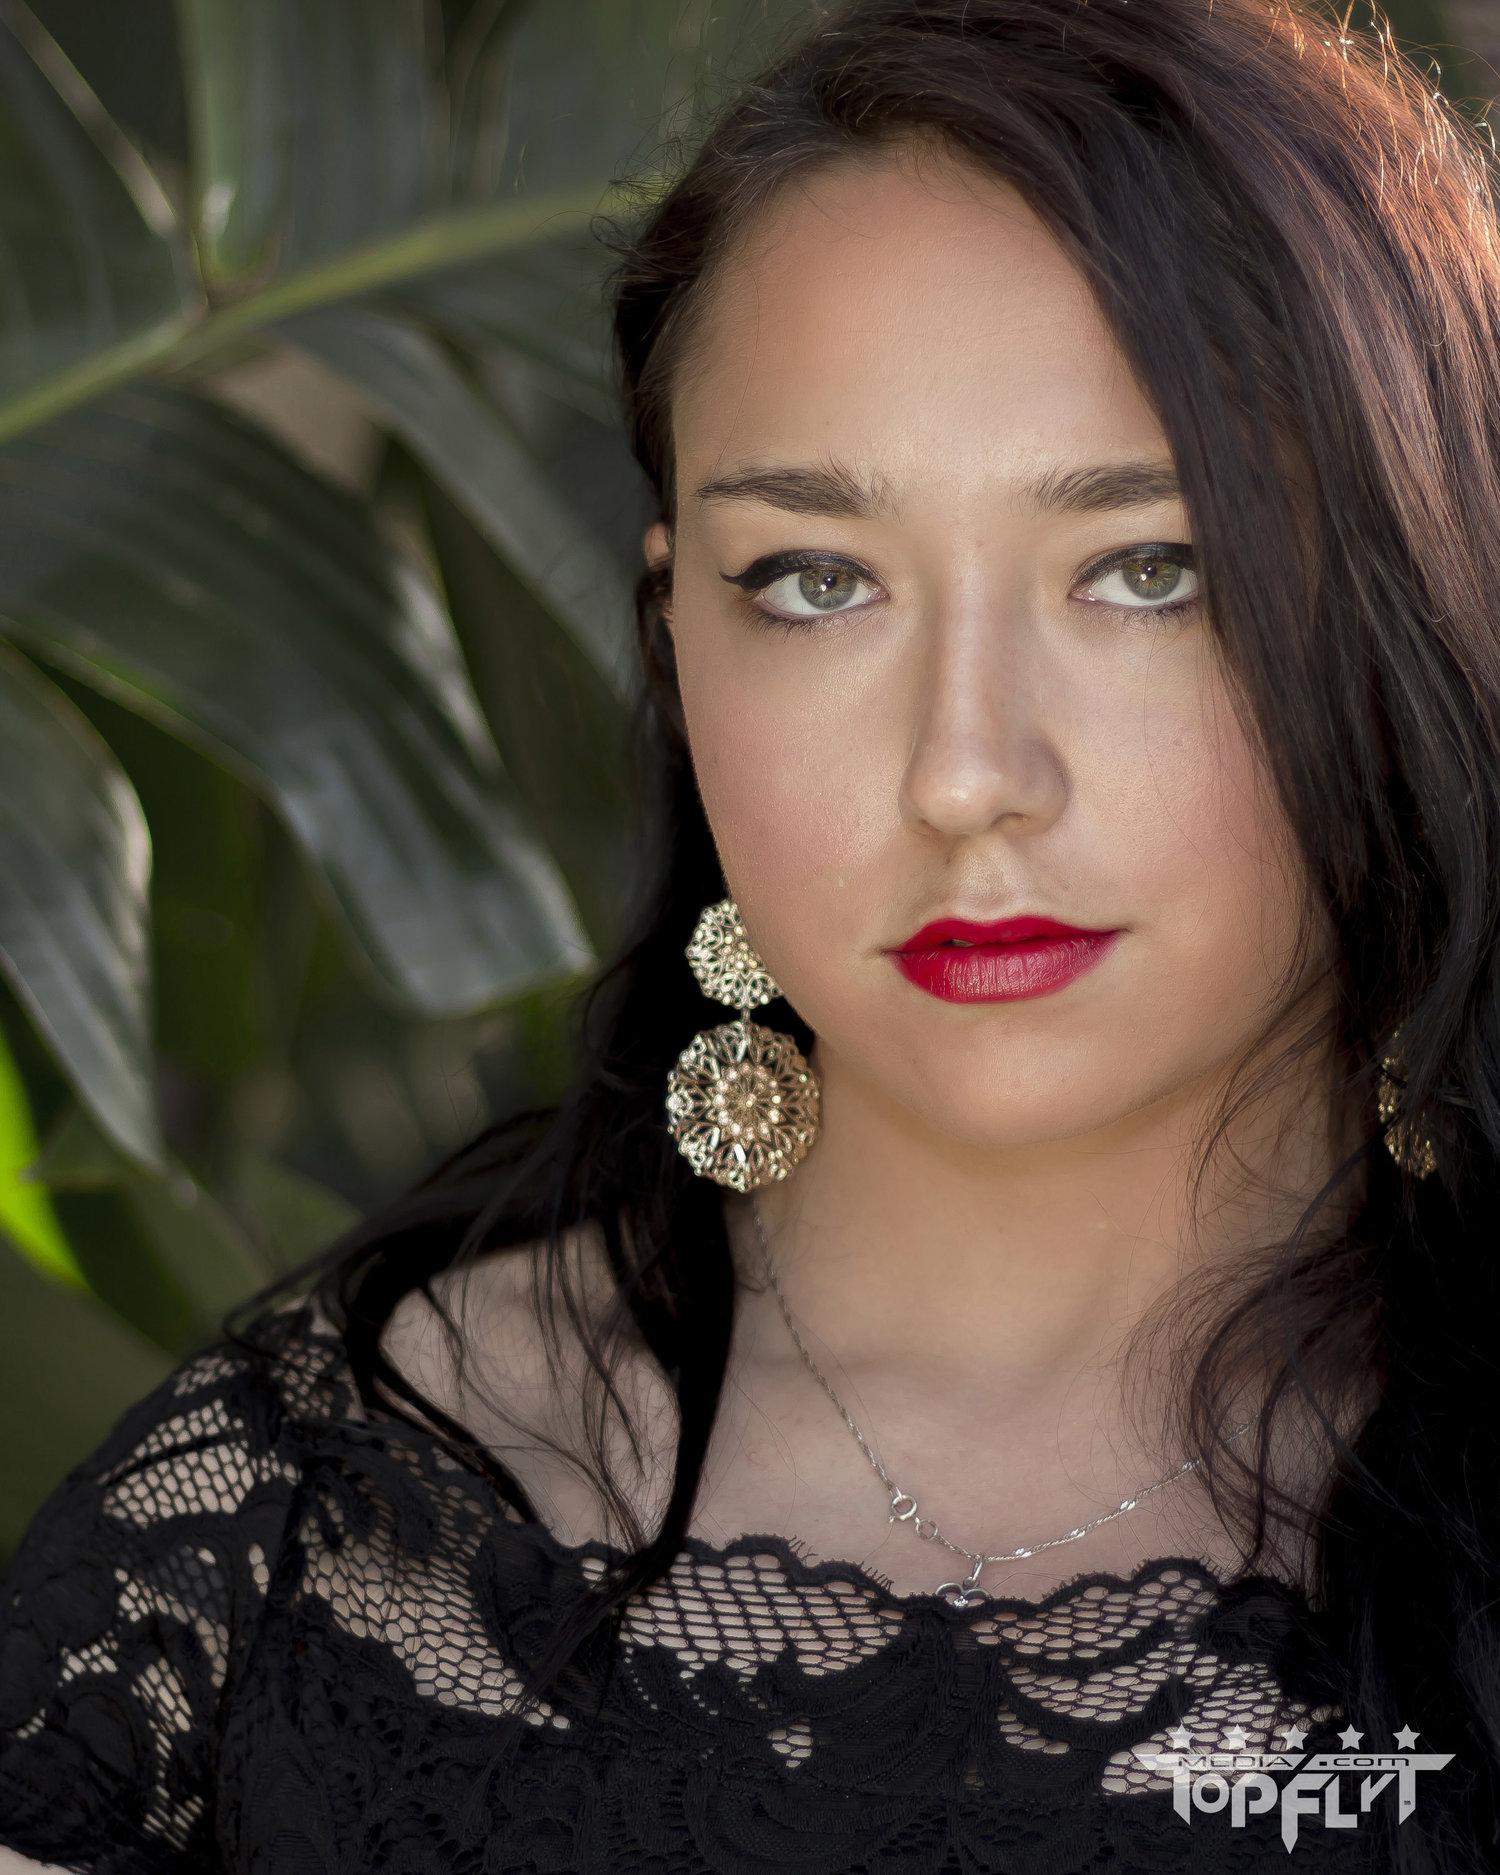 Krystal - Model & Actress - Headshots